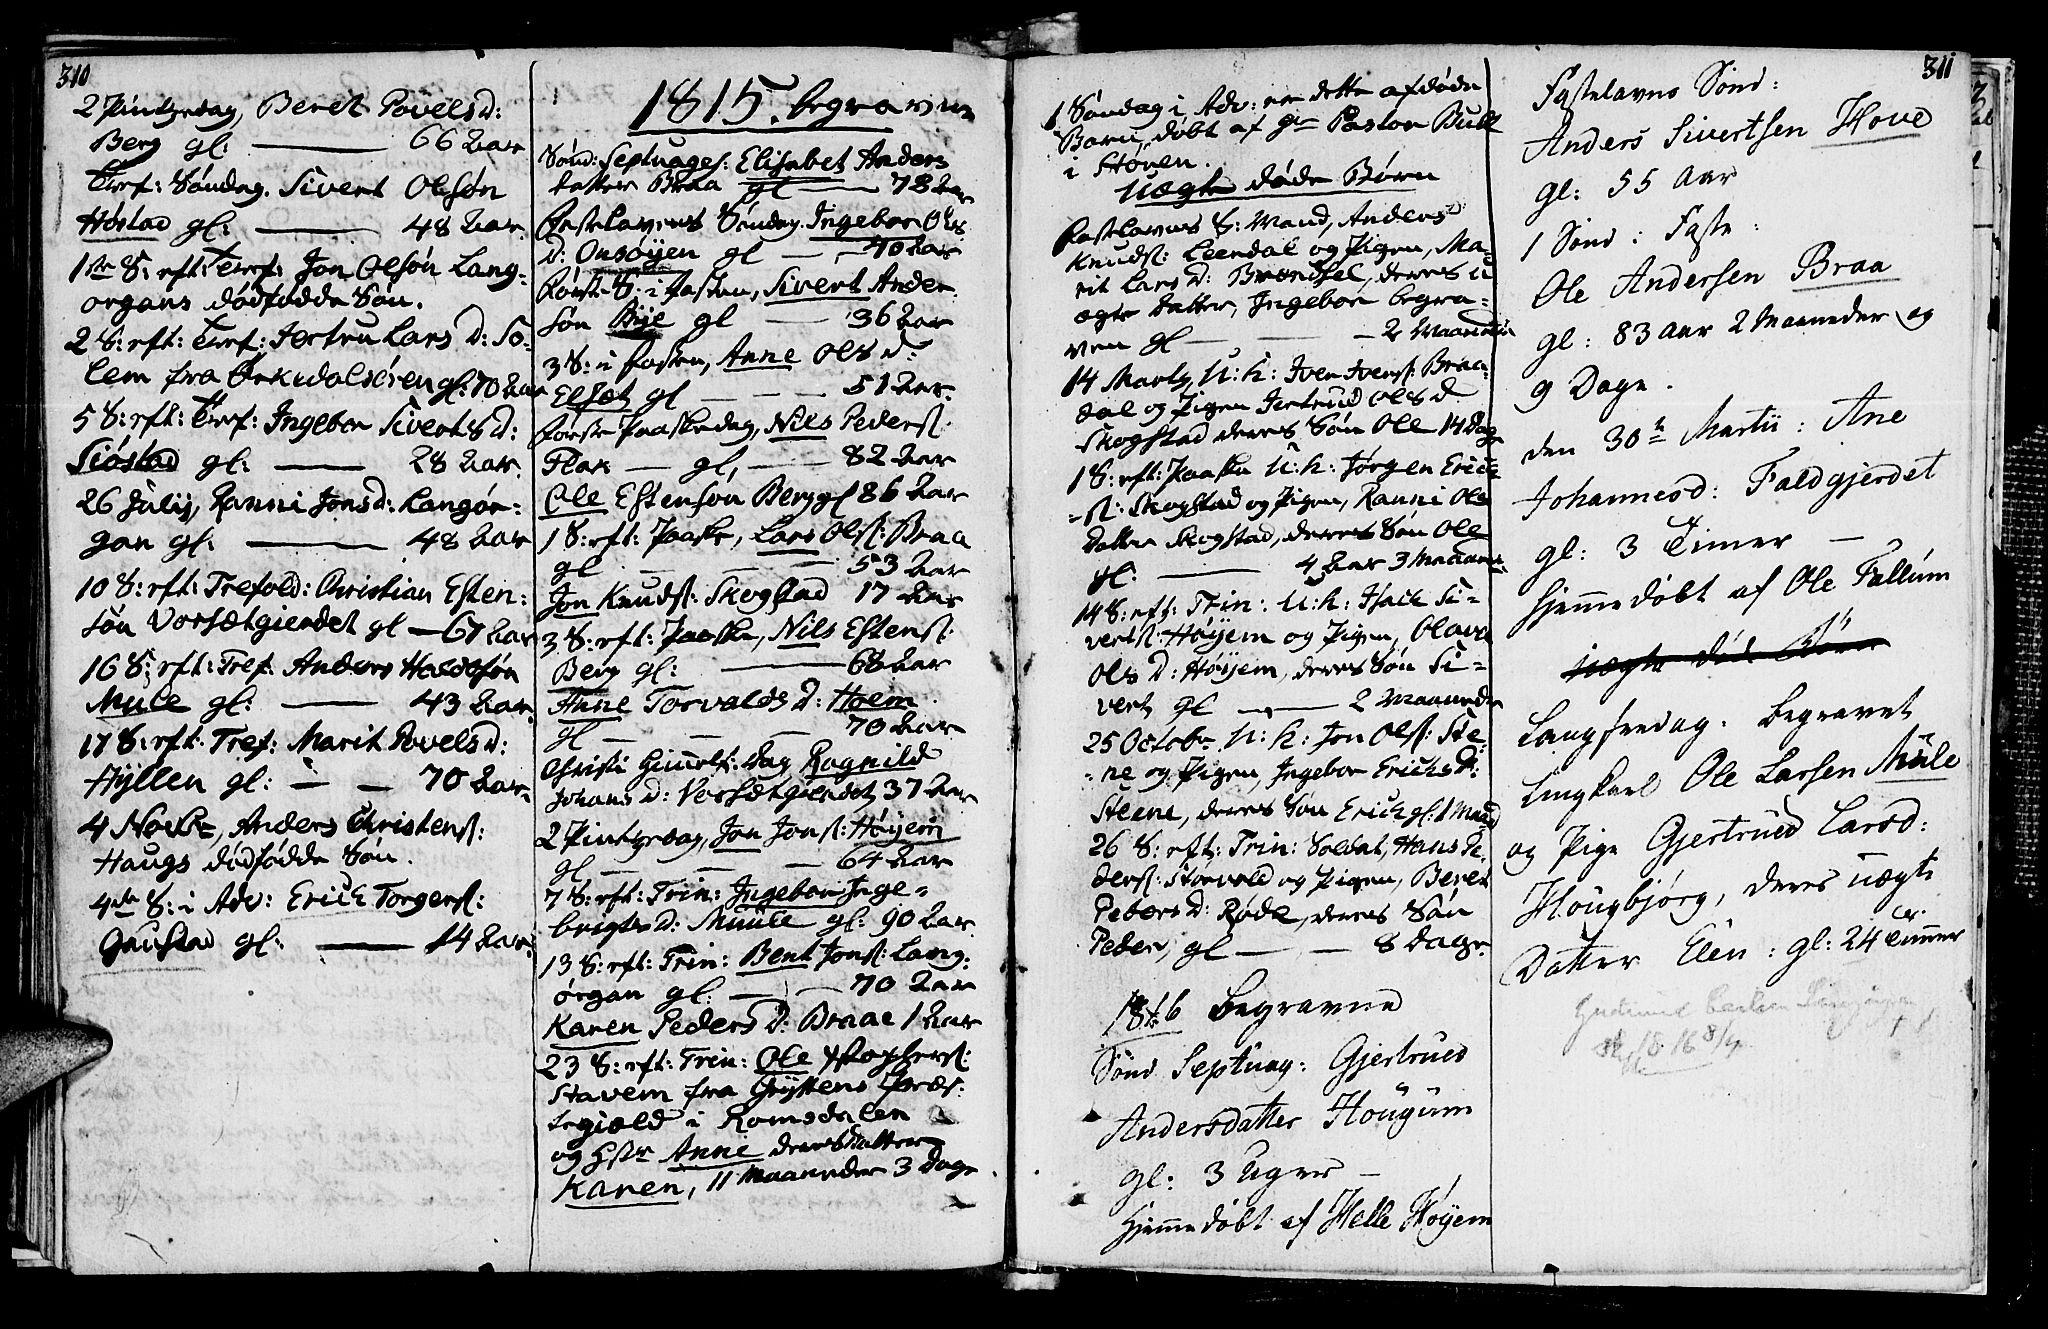 SAT, Ministerialprotokoller, klokkerbøker og fødselsregistre - Sør-Trøndelag, 612/L0371: Ministerialbok nr. 612A05, 1803-1816, s. 310-311